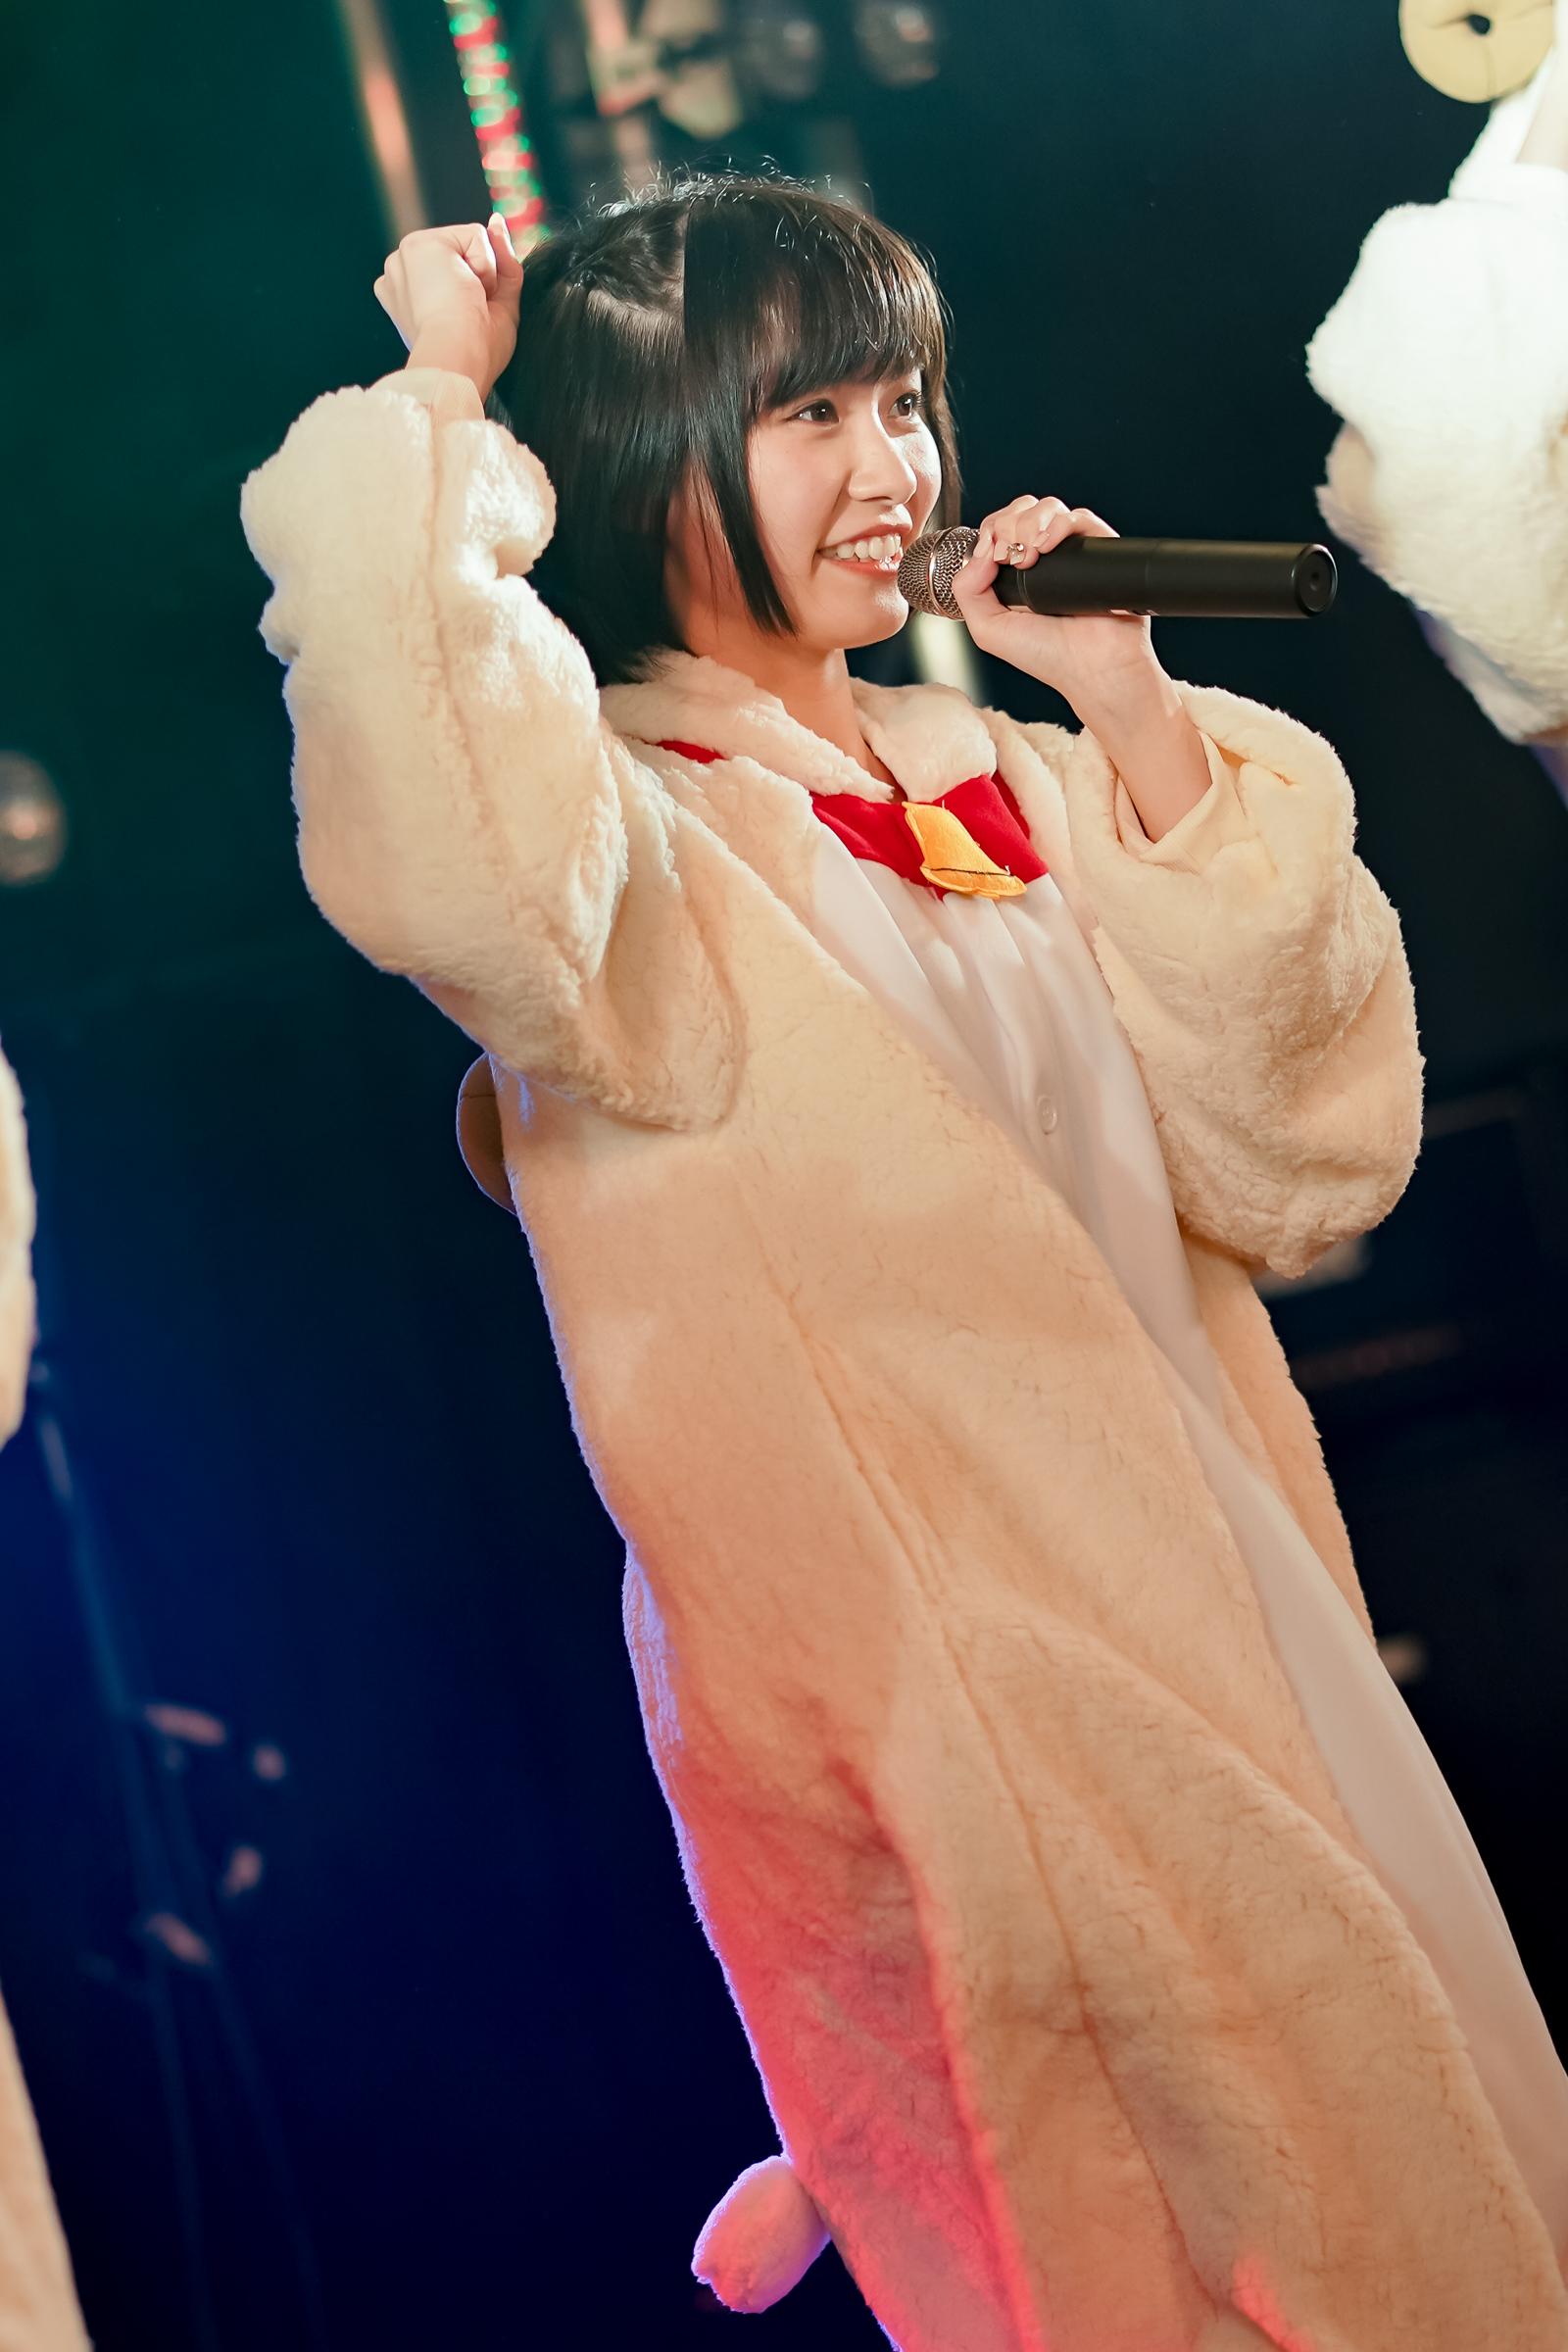 2代目HAPPY少女♪ みっちょ ( 本田みく ) | ユニバーサル・ライブプロ・ジャパン2018